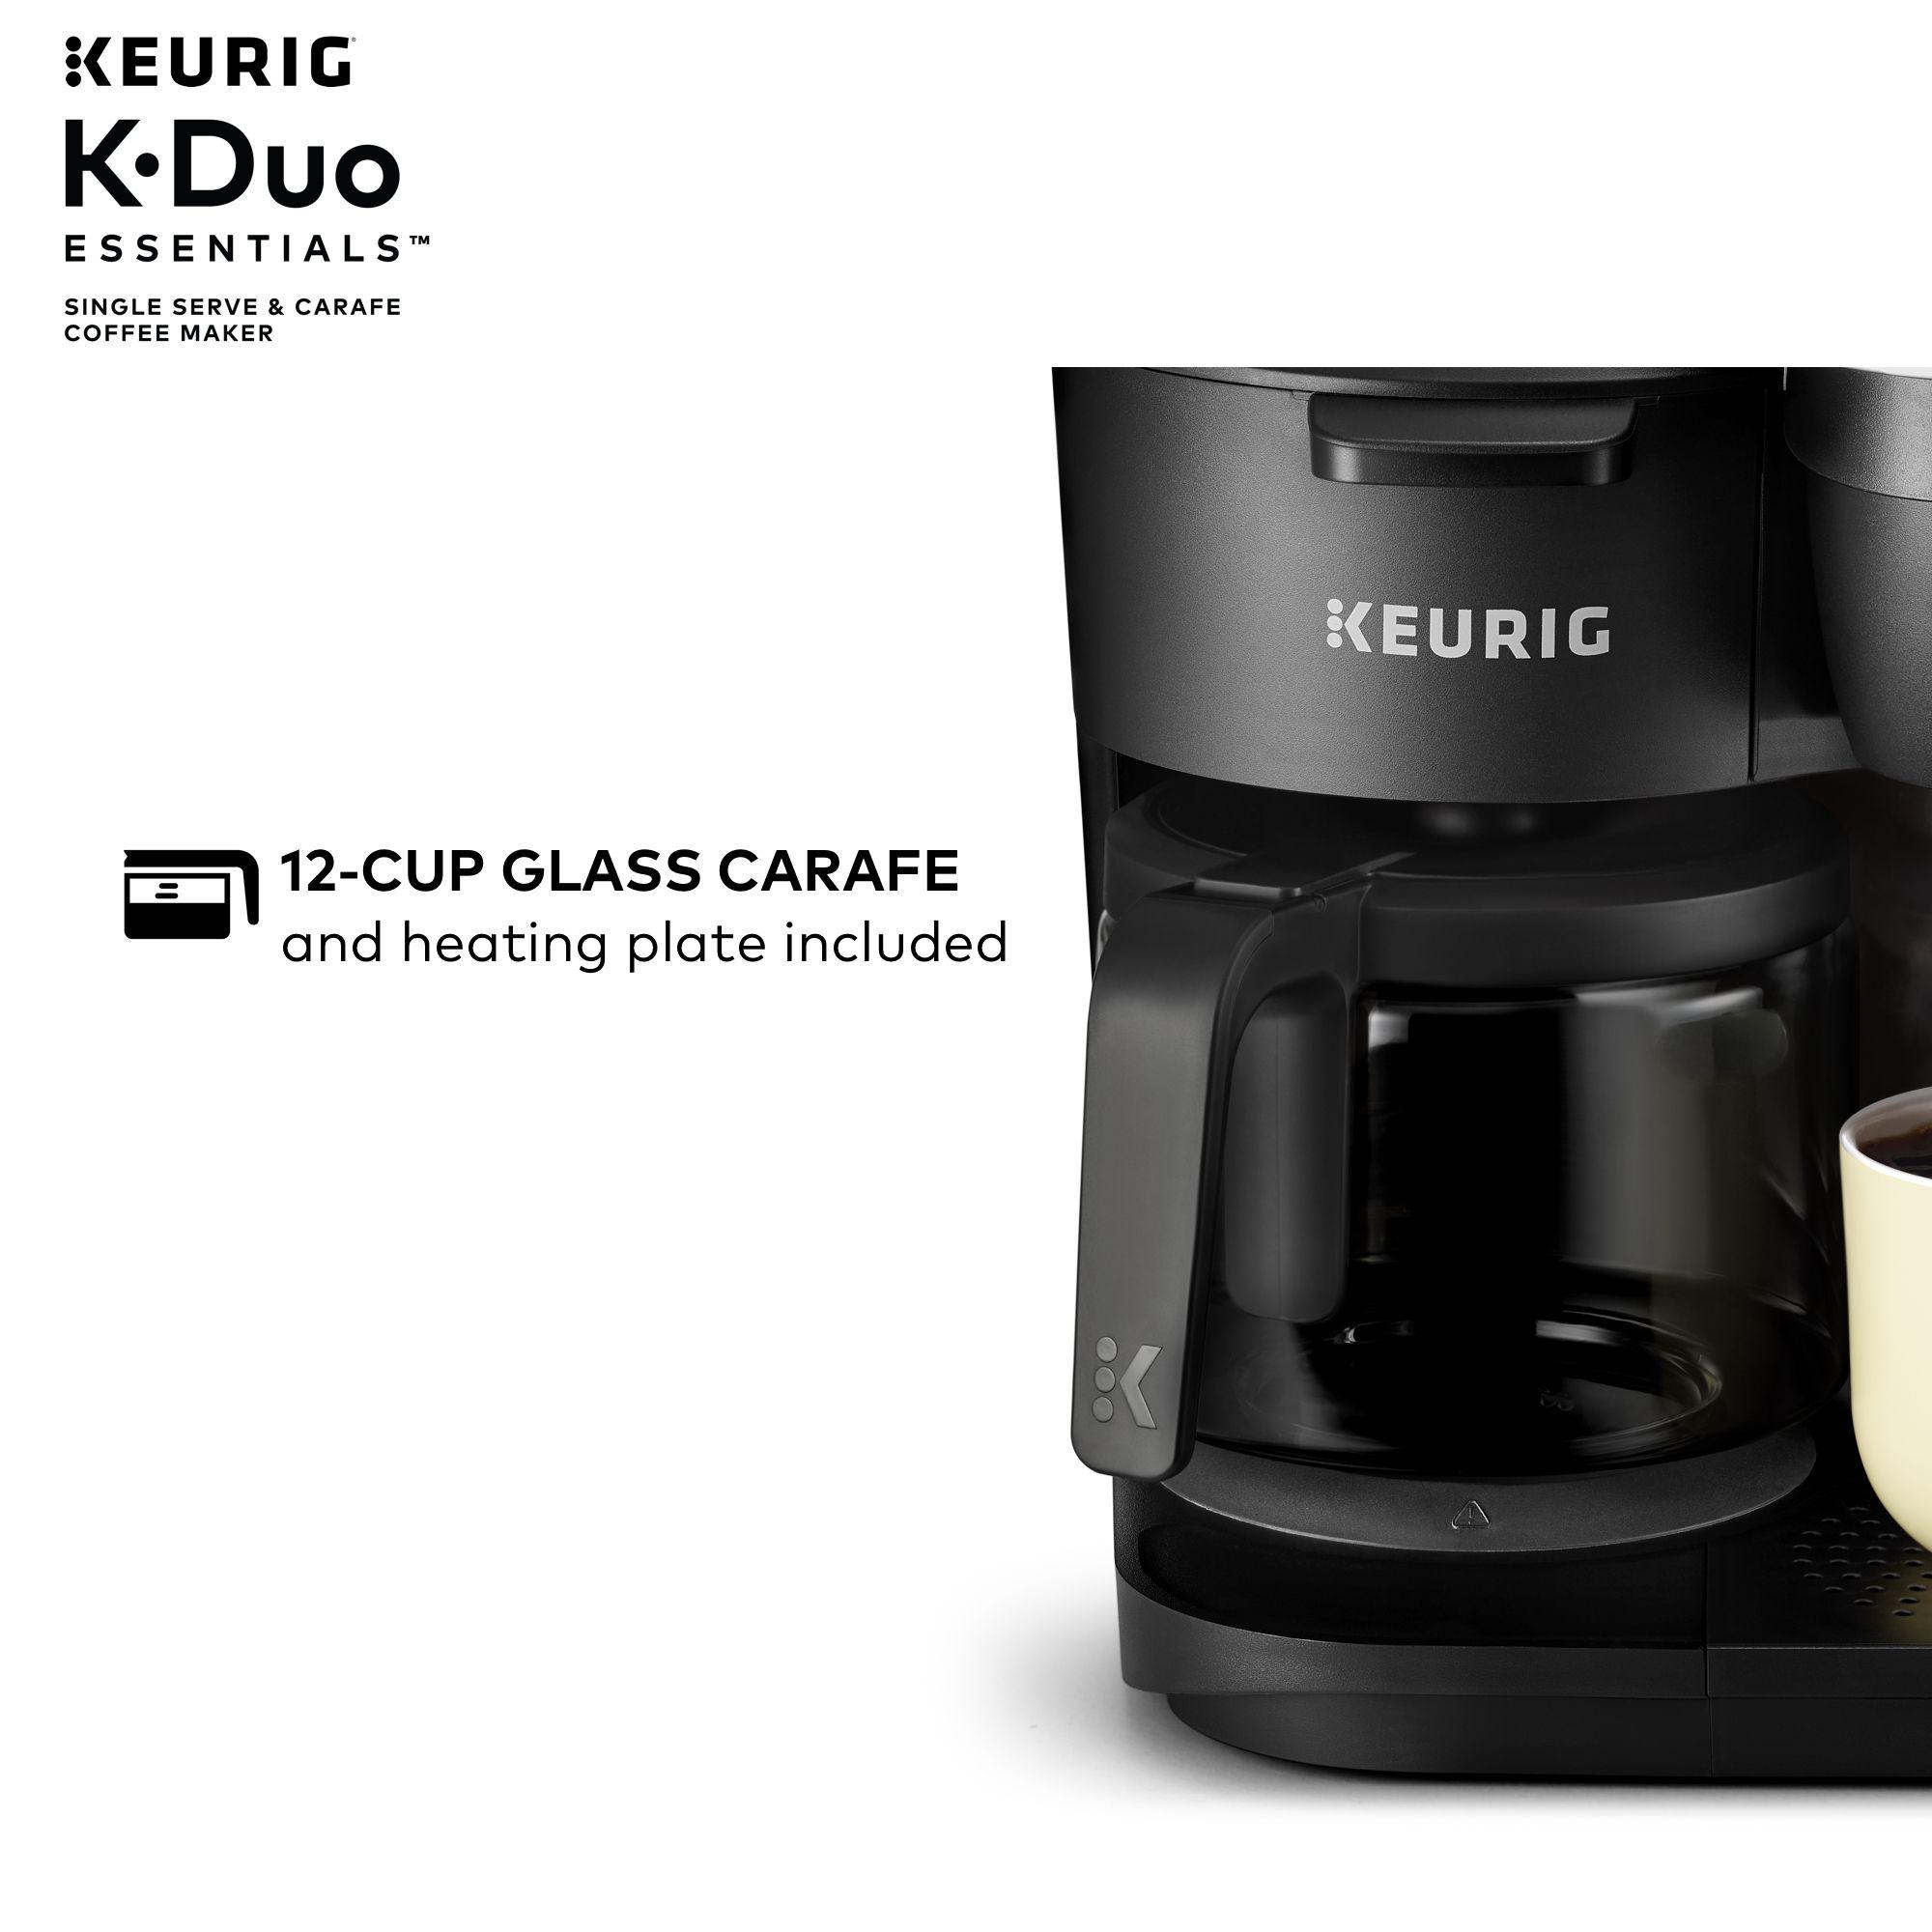 Keurig KDuo Essentials Coffee Maker, with Single Serve K